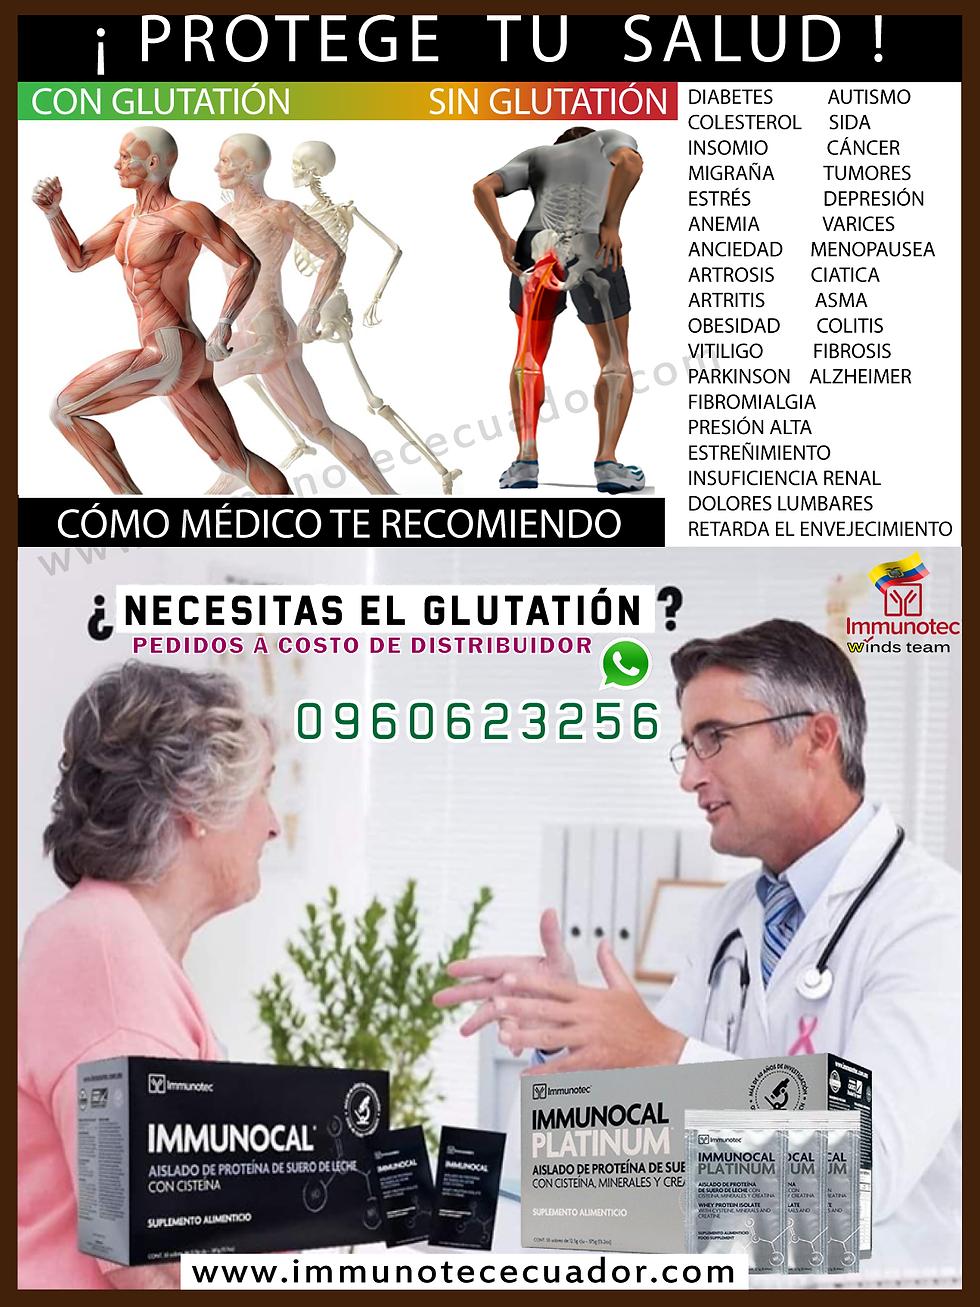 IMMUNOTEC ECUADOR BENEFICIOS